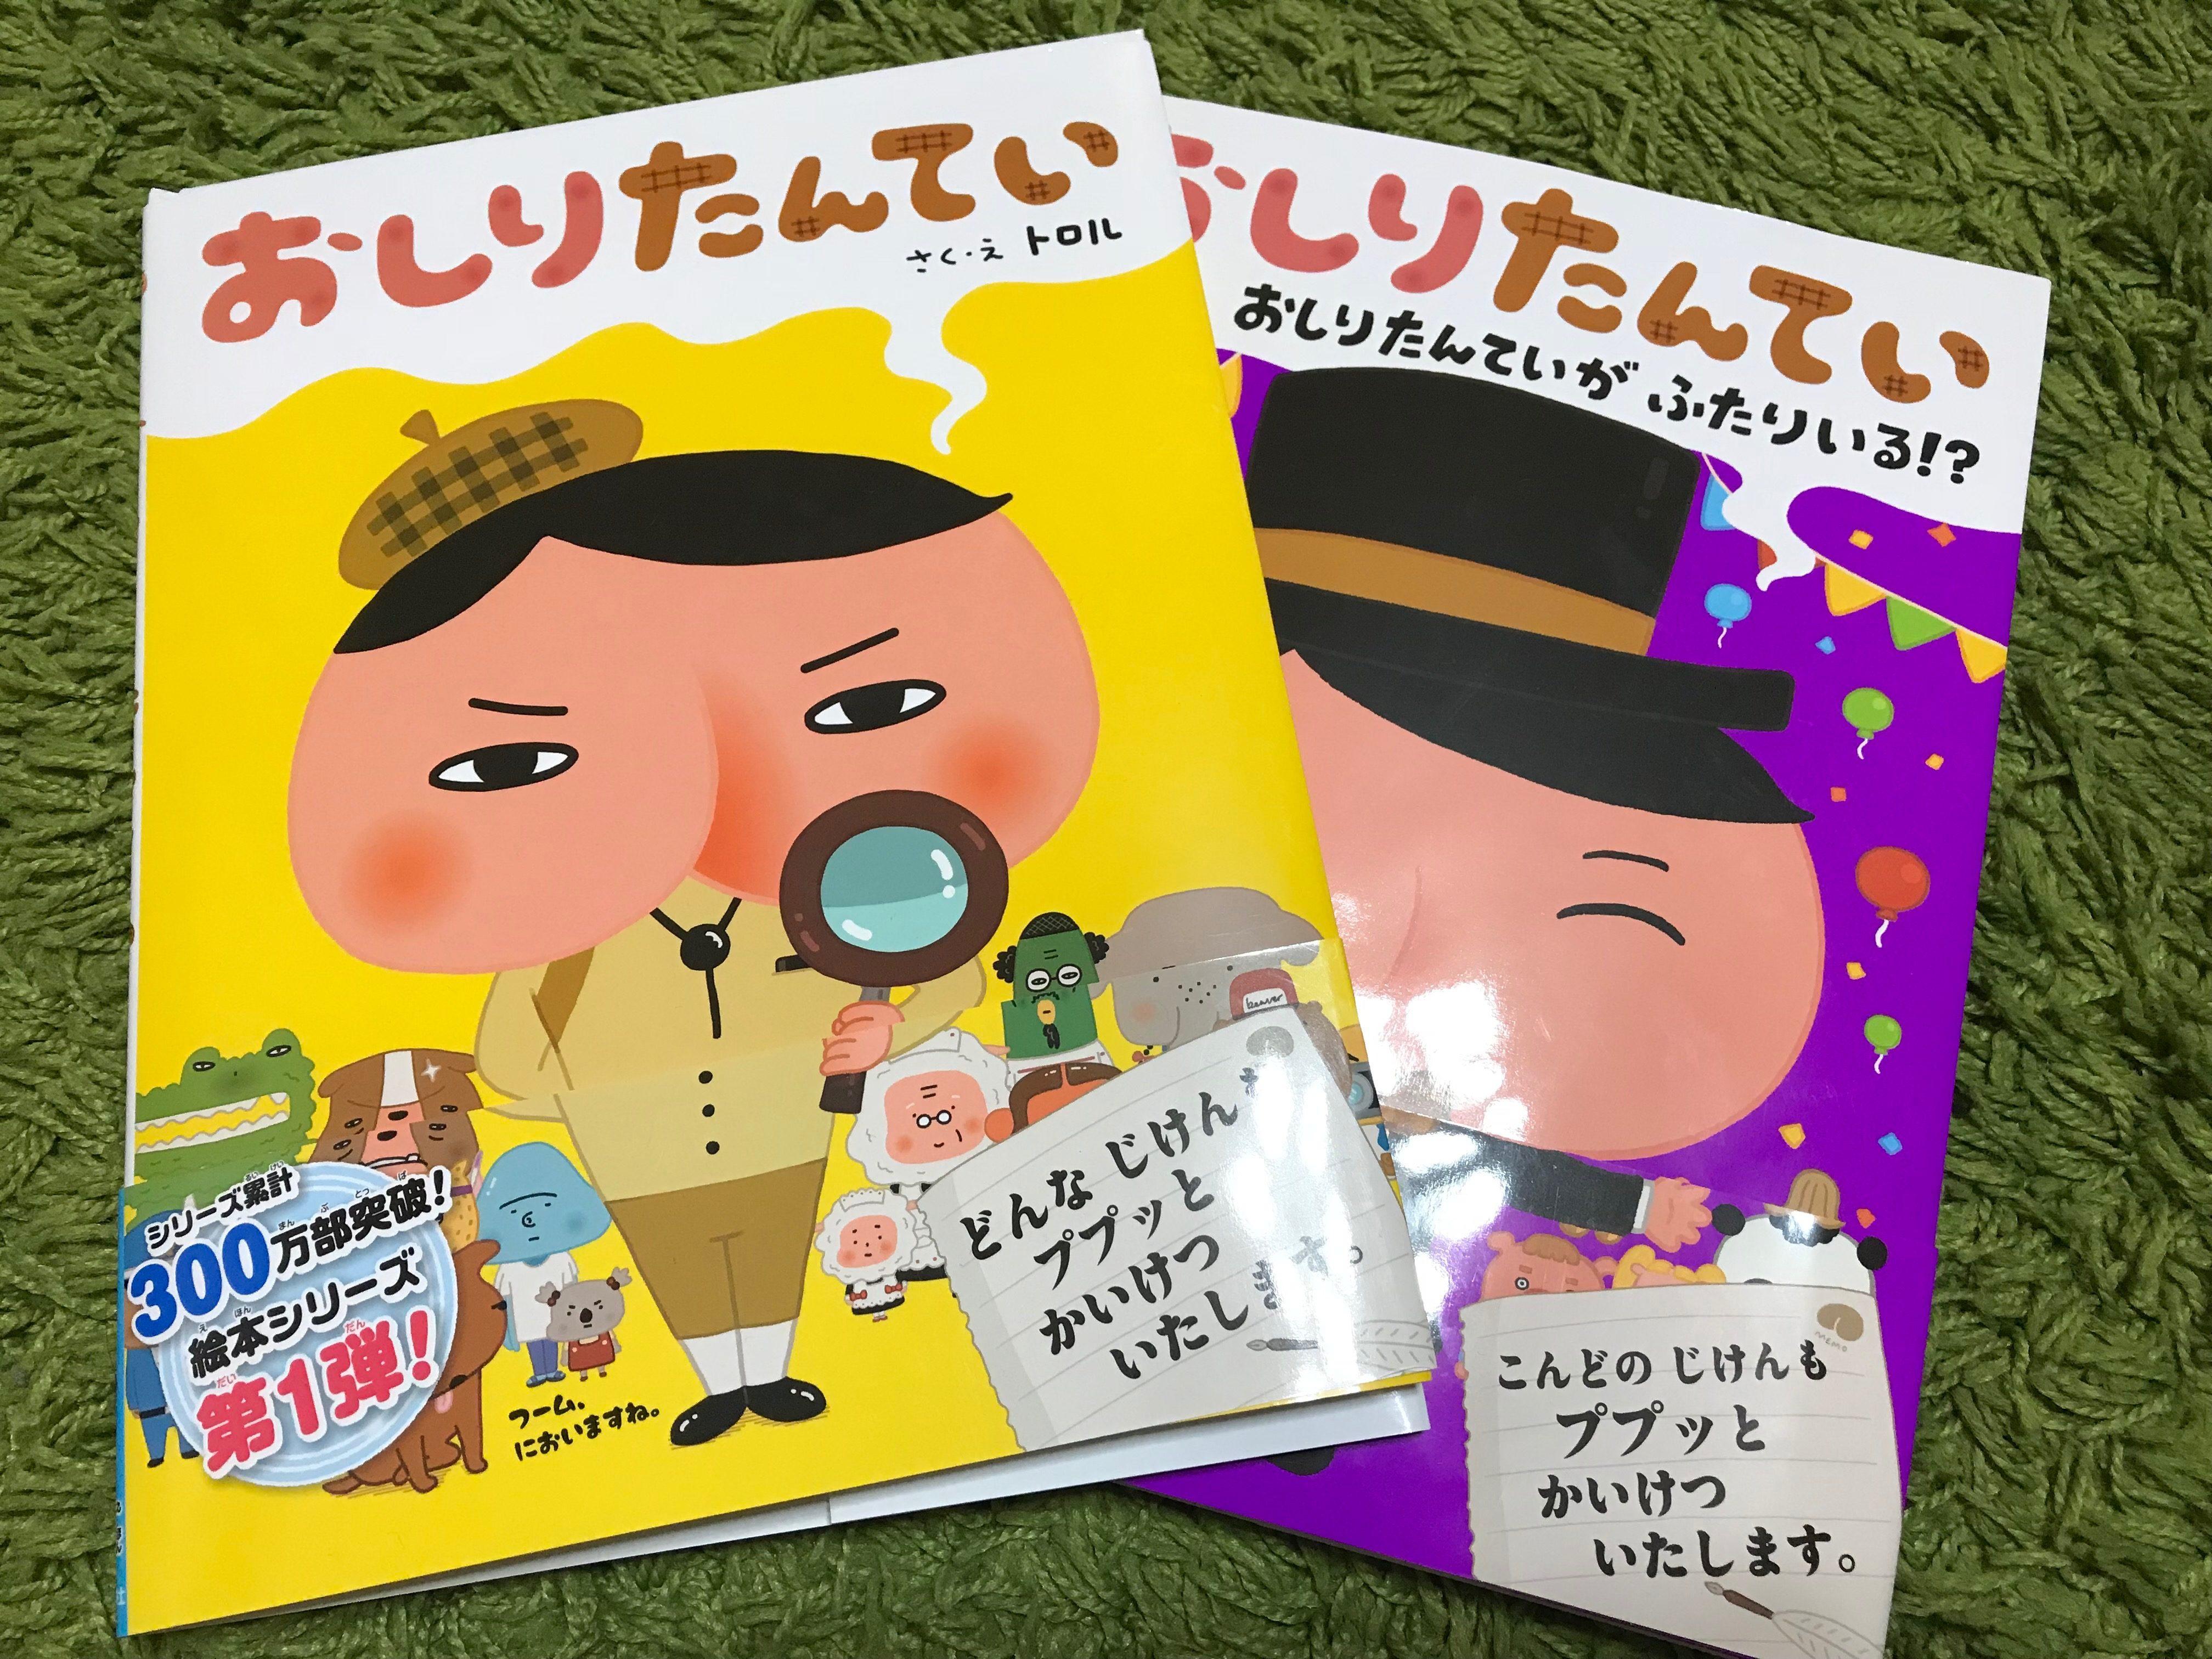 「おしりたんてい」の絵本が面白い!子供と一緒にププッと事件解決!